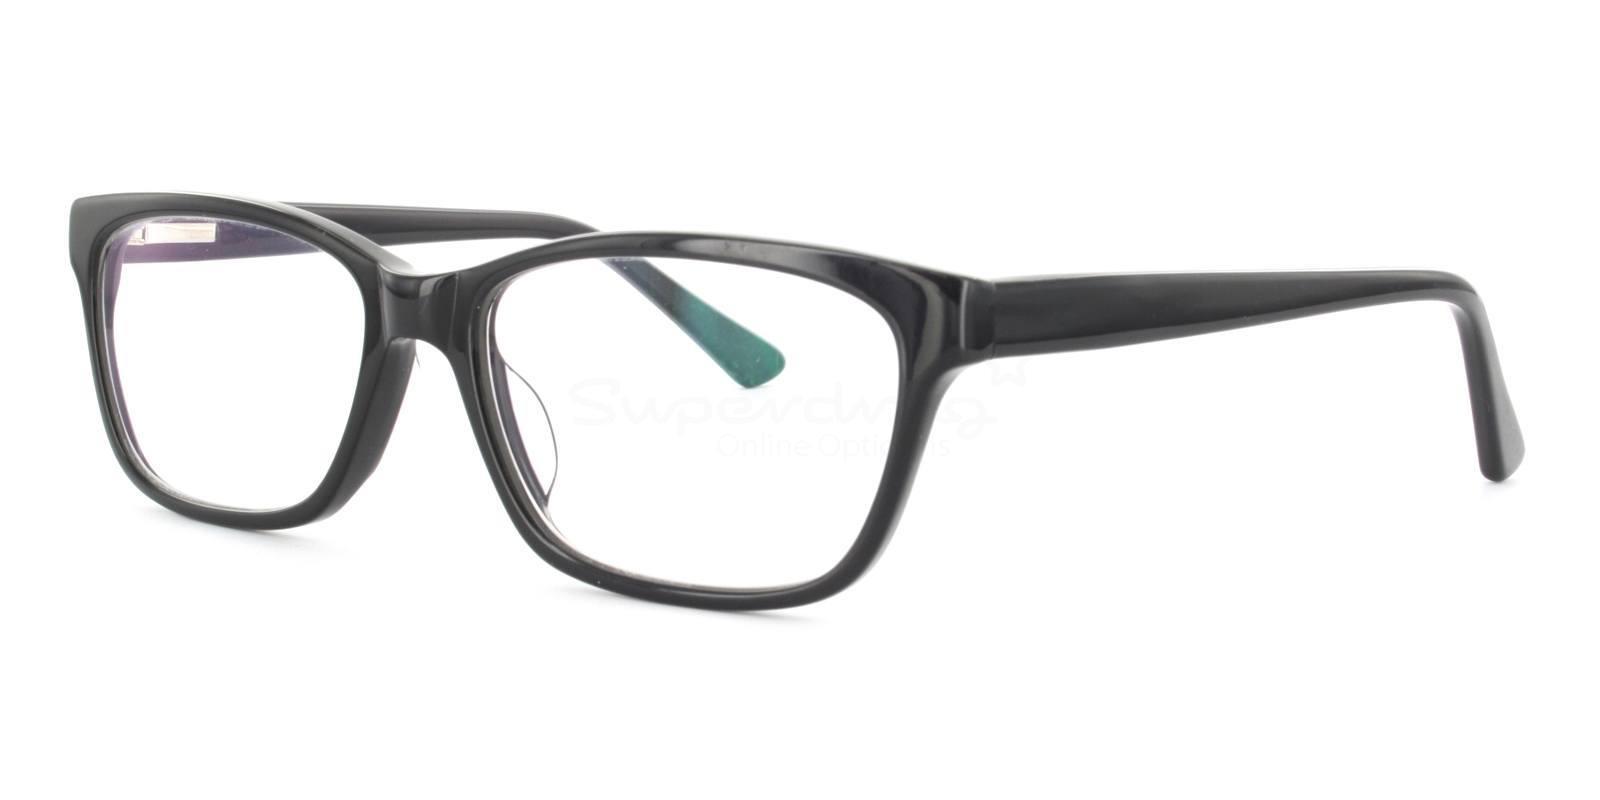 C1 A6668 Glasses, Indium